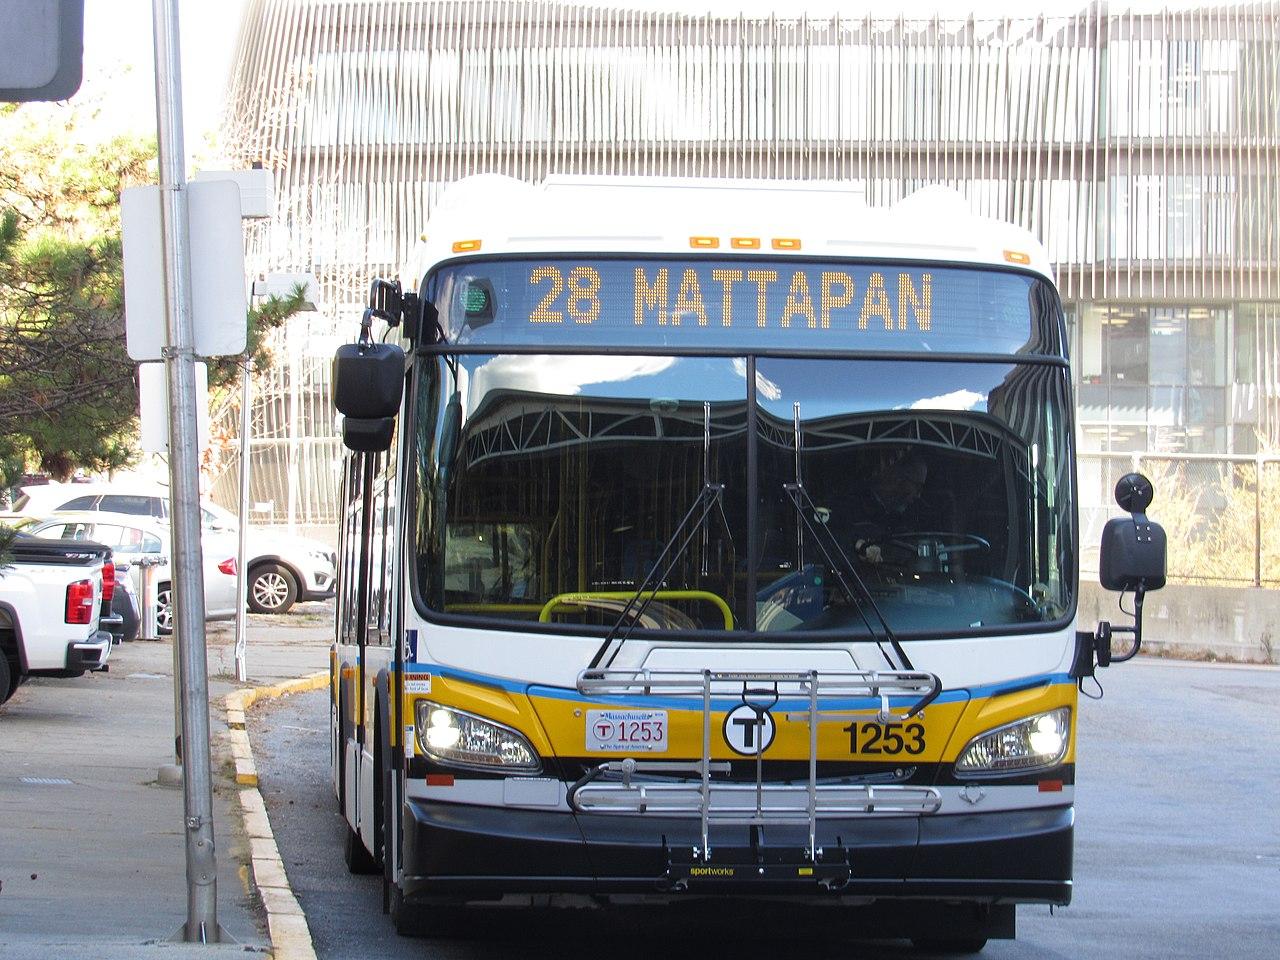 MBTA route 28 bus at Ruggles station, November 2016.jpg